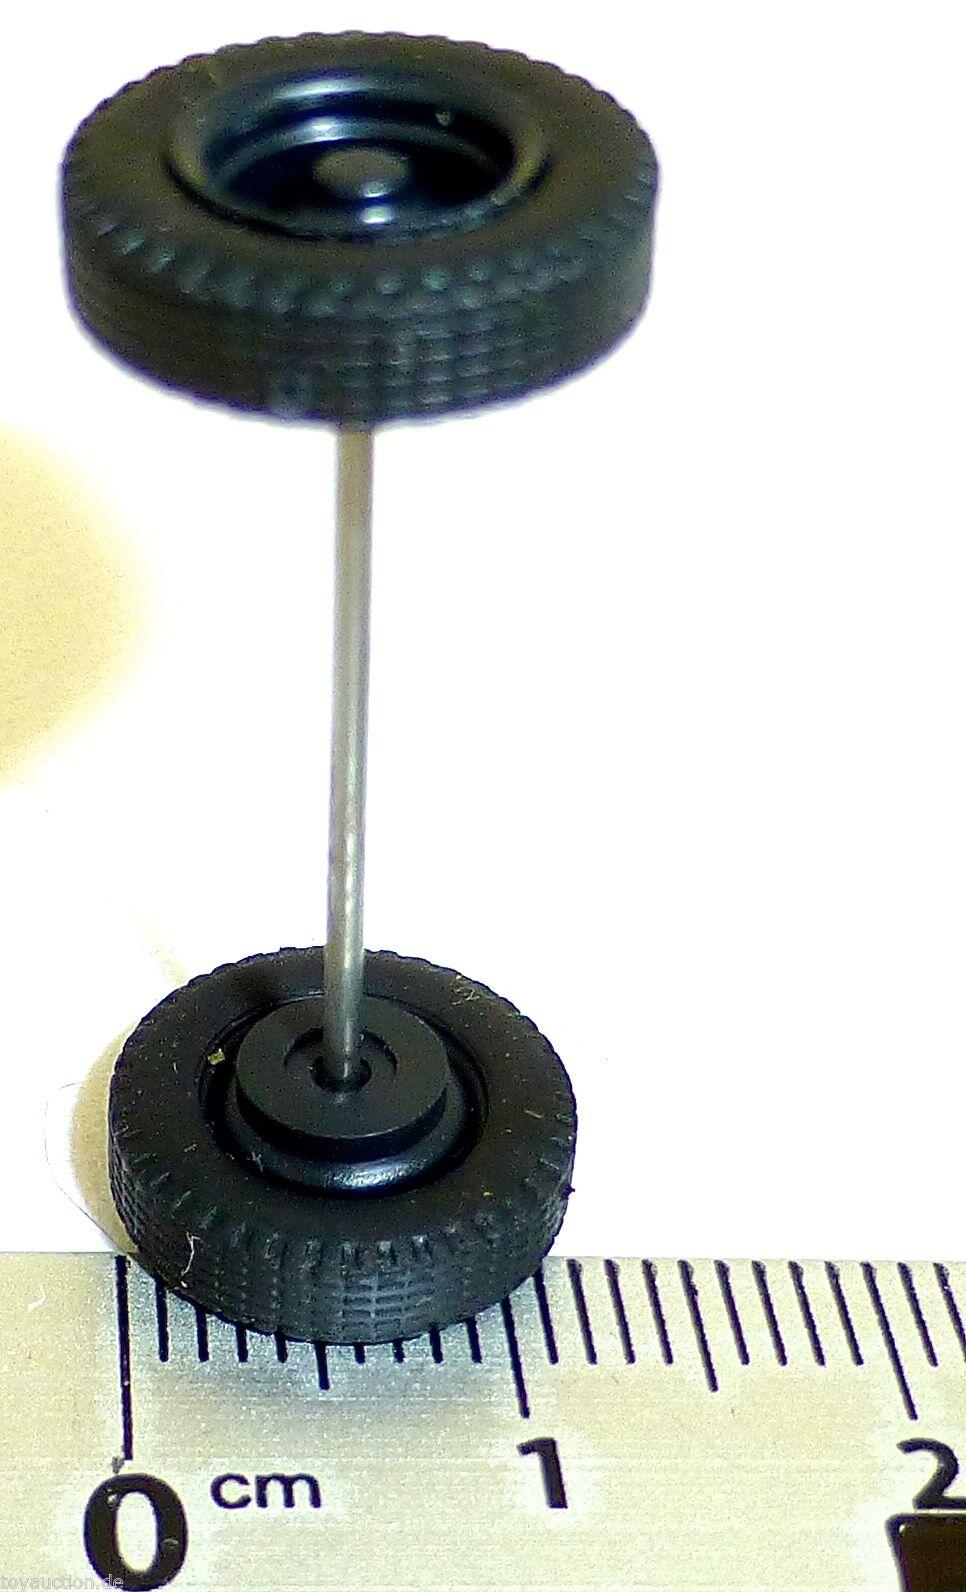 115 x Radsatz 30mm Achsbreite Baumaschinen weiß Plastik Herpa Albedo 1:87 R96  å